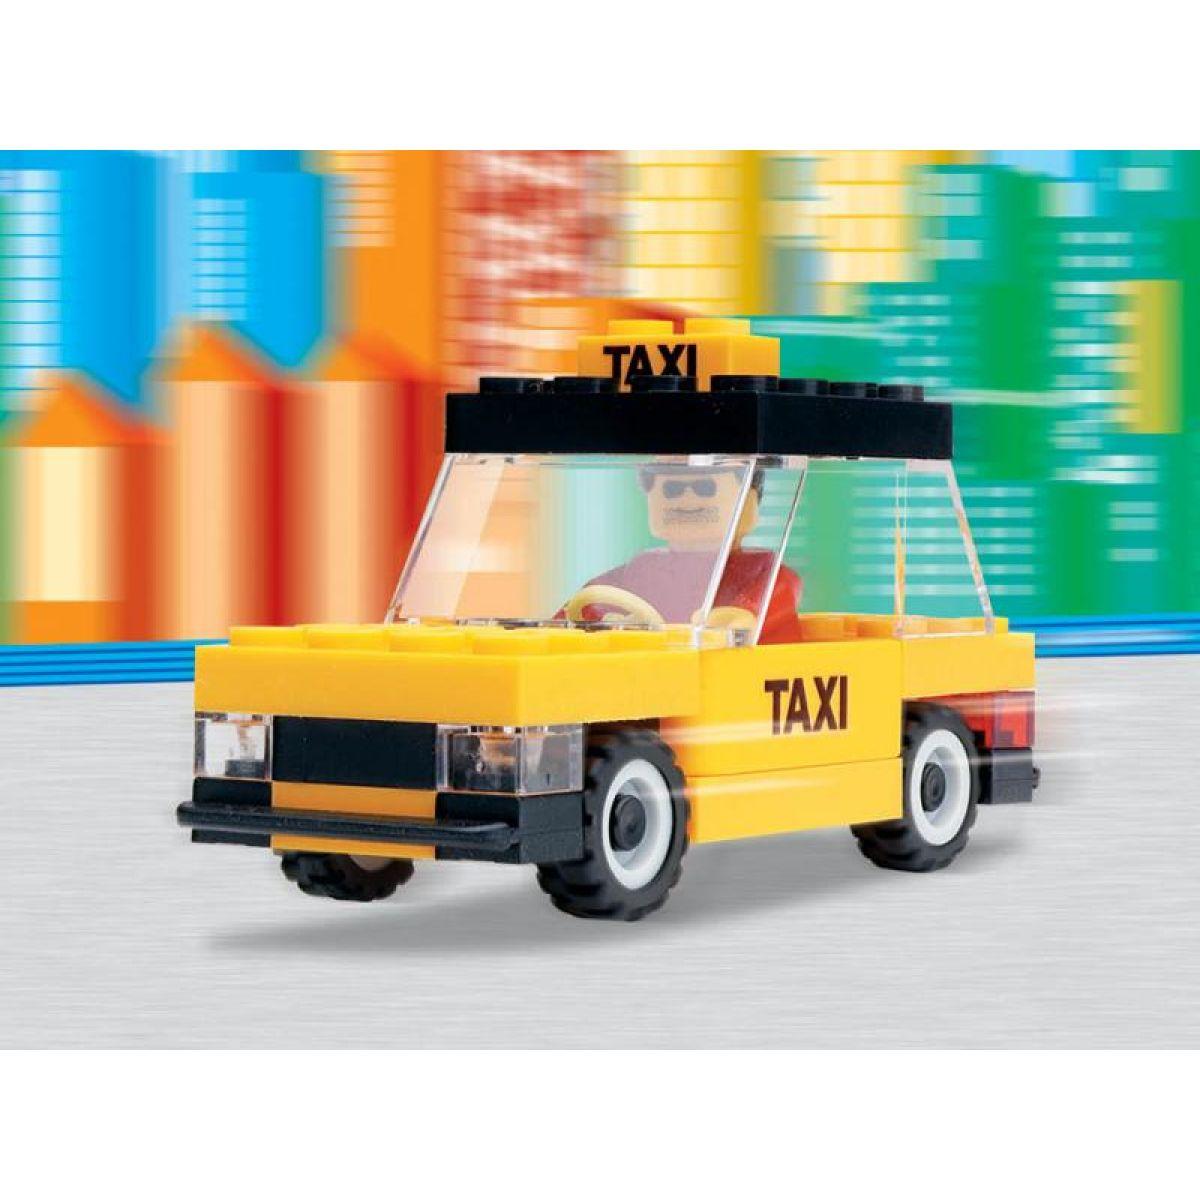 Cheva 13 taxi - 73 ks